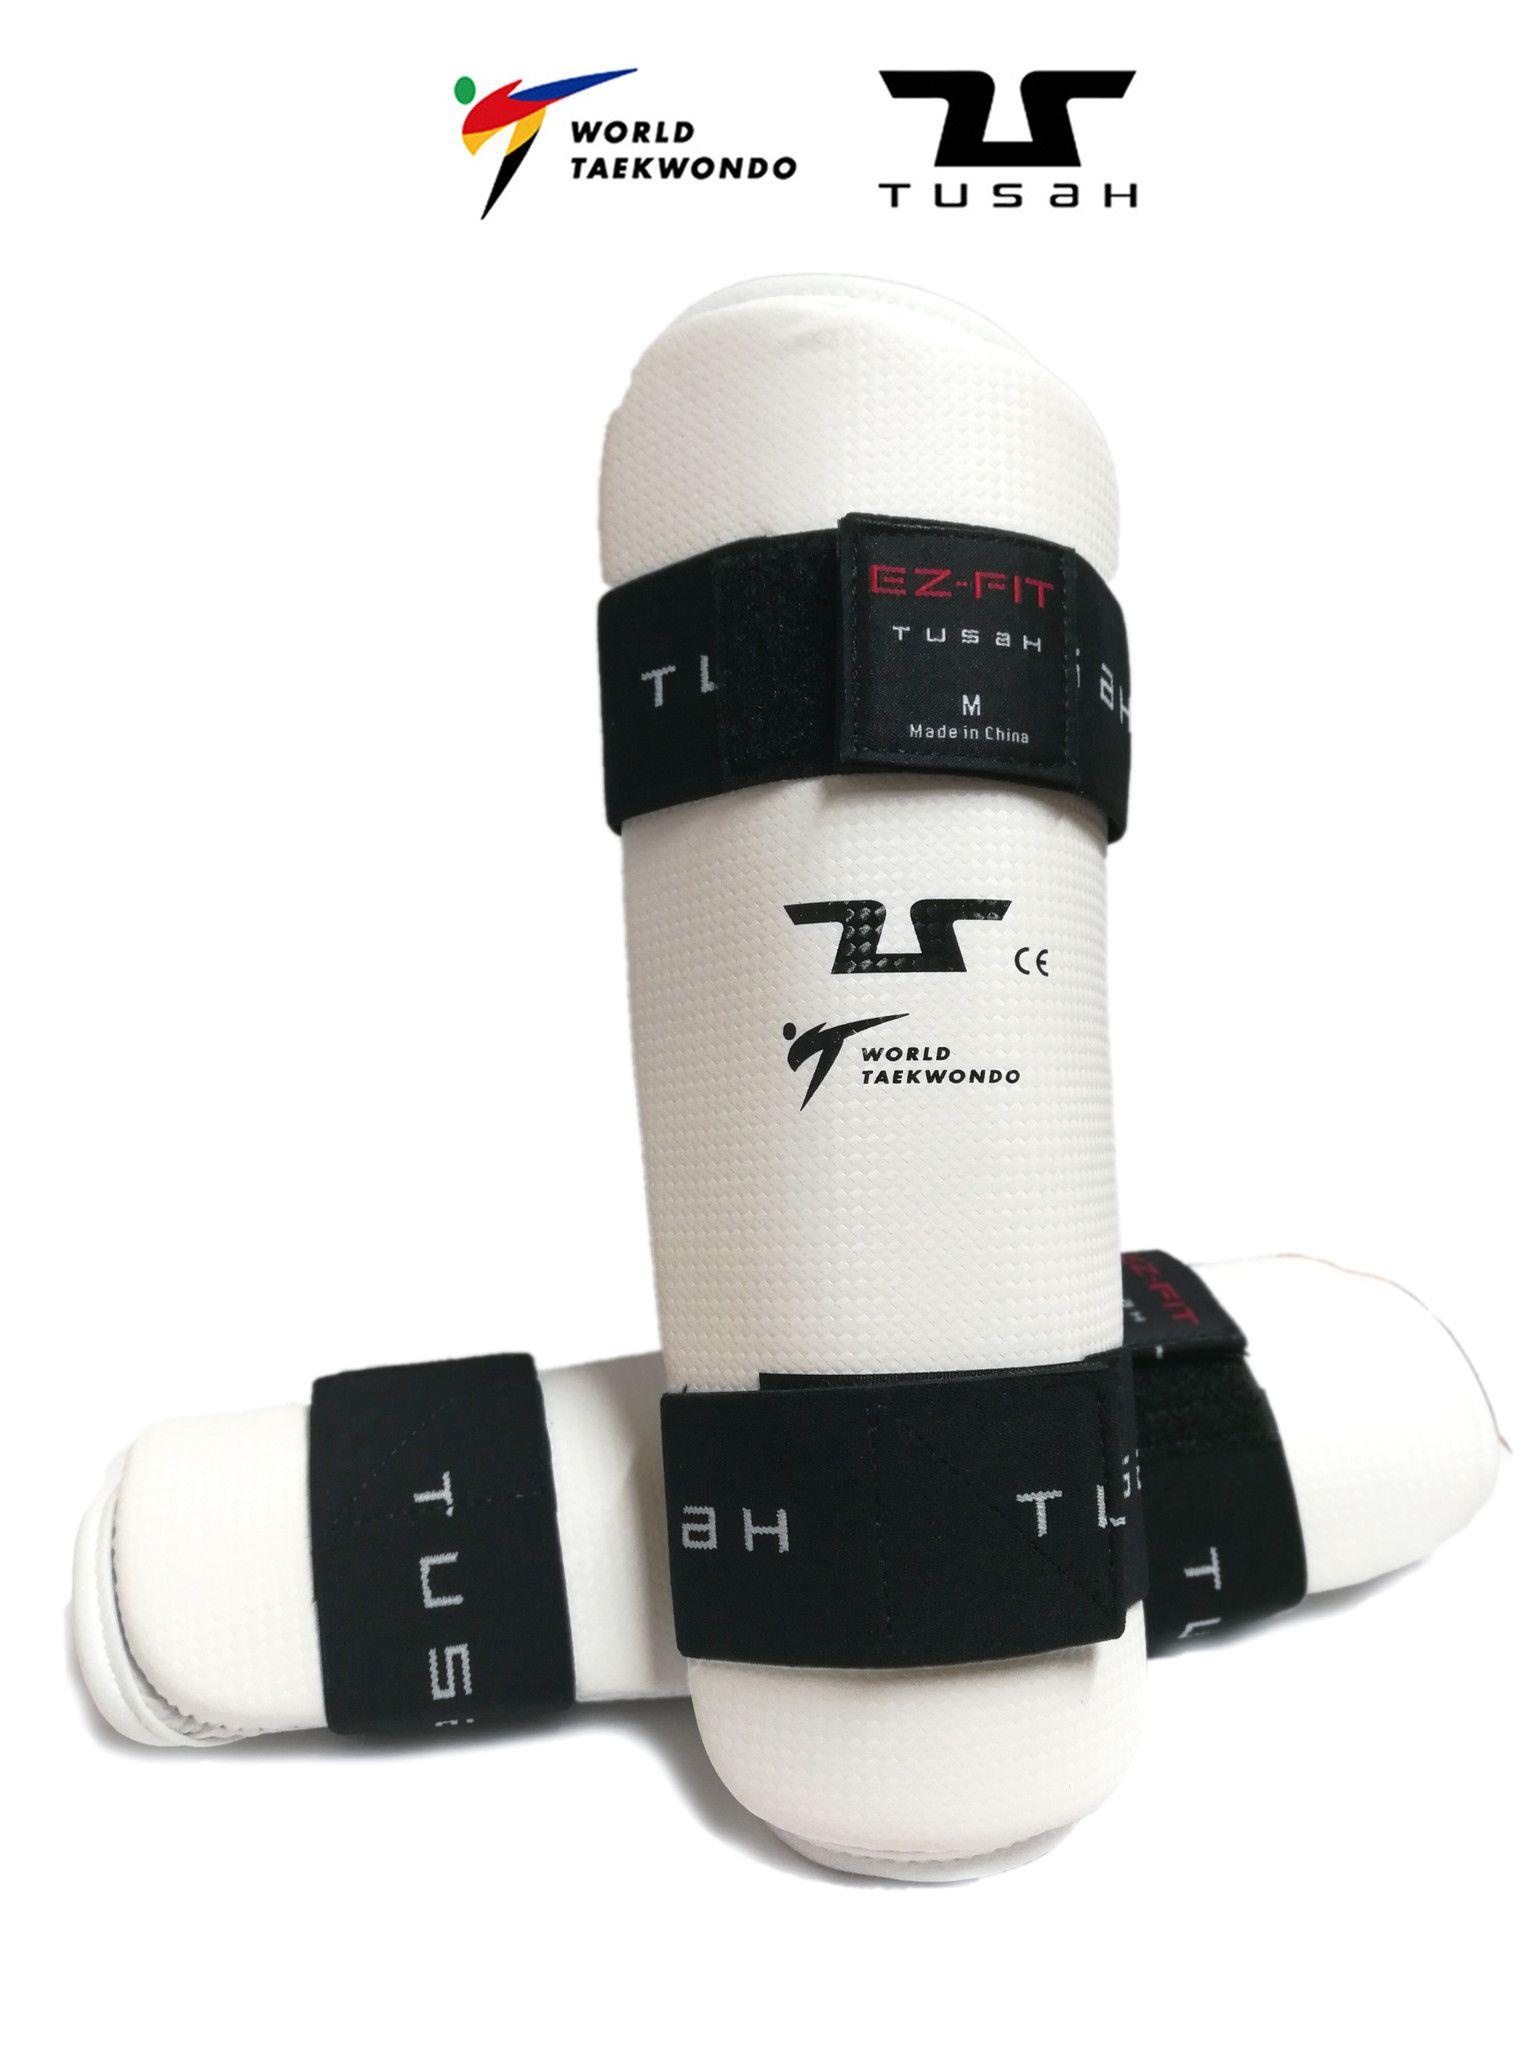 Tusah - Paratibia per Taekwondo Omologati WT per allenamenti o competizioni